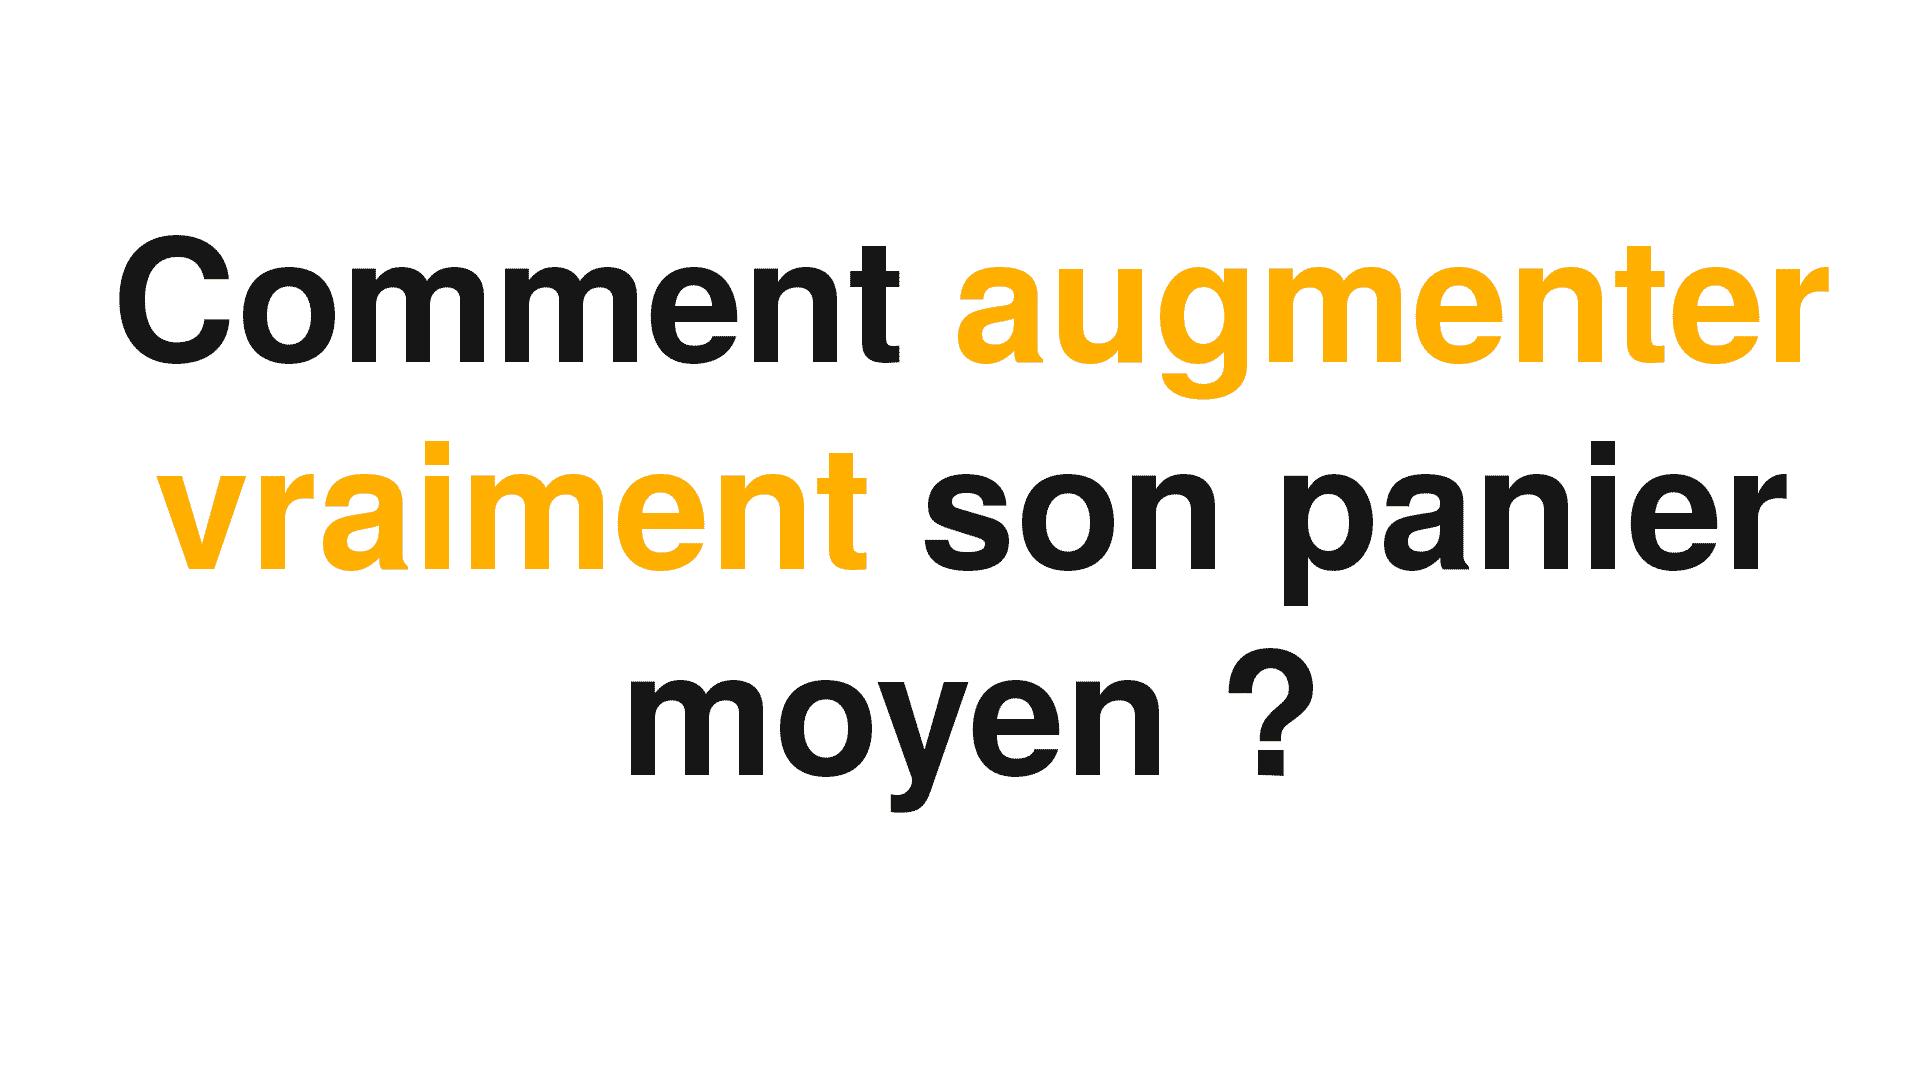 Une image blanche avec un texte et une police noire et jaune qui pose la question de comment augmenter le panier moyen ?